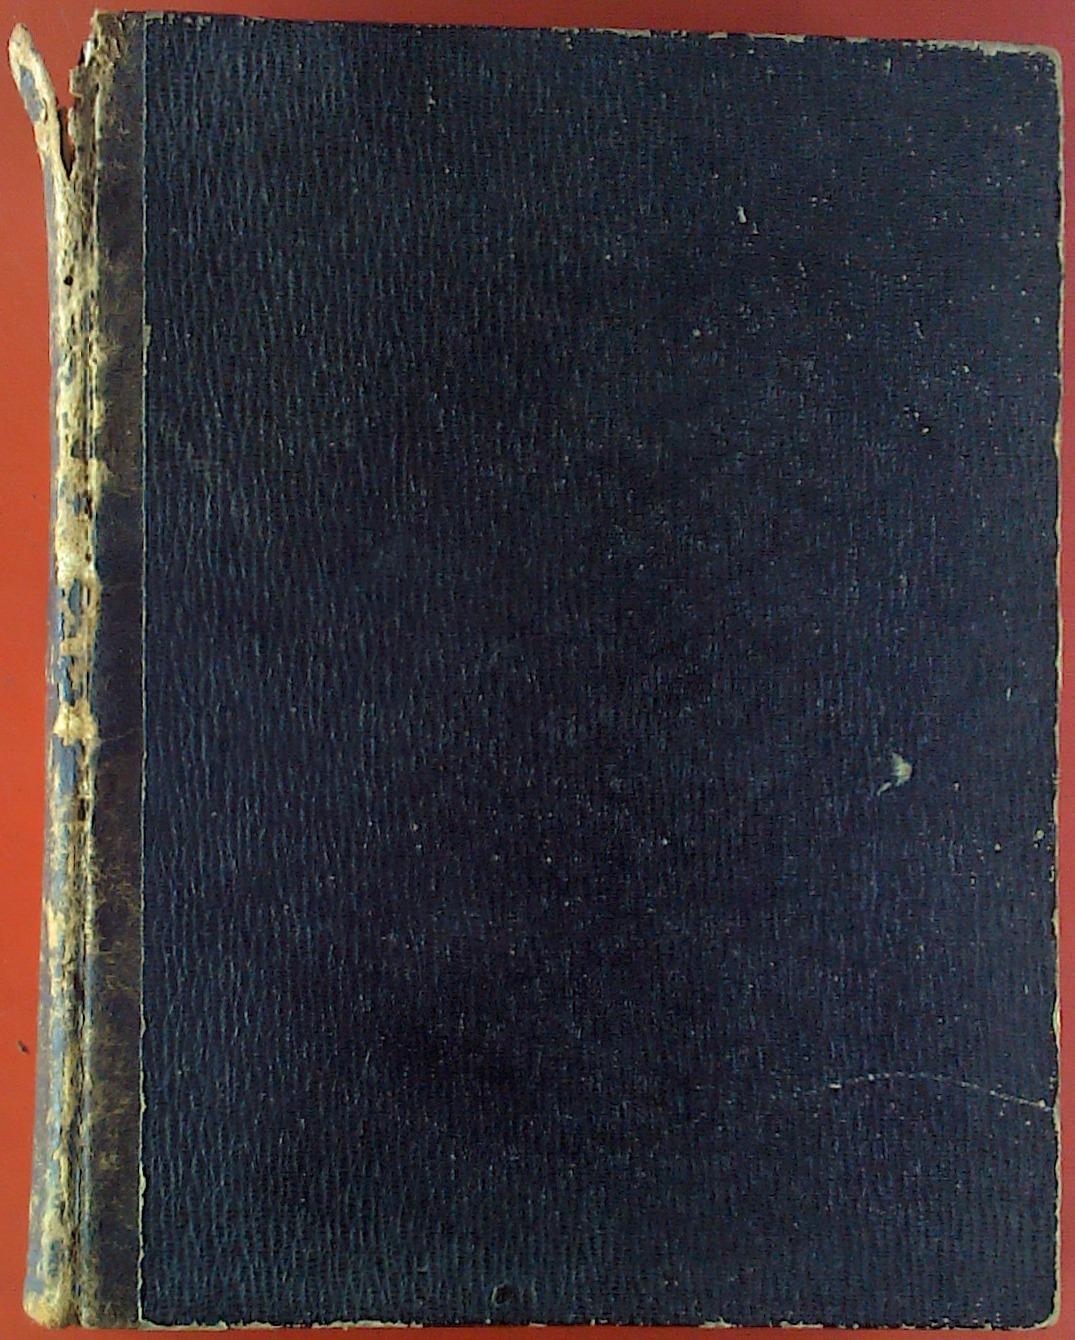 Carl Spindlers ausgewählte Romane. Neue Classiker-Ausgabe. VIERTER: Carl Spindler